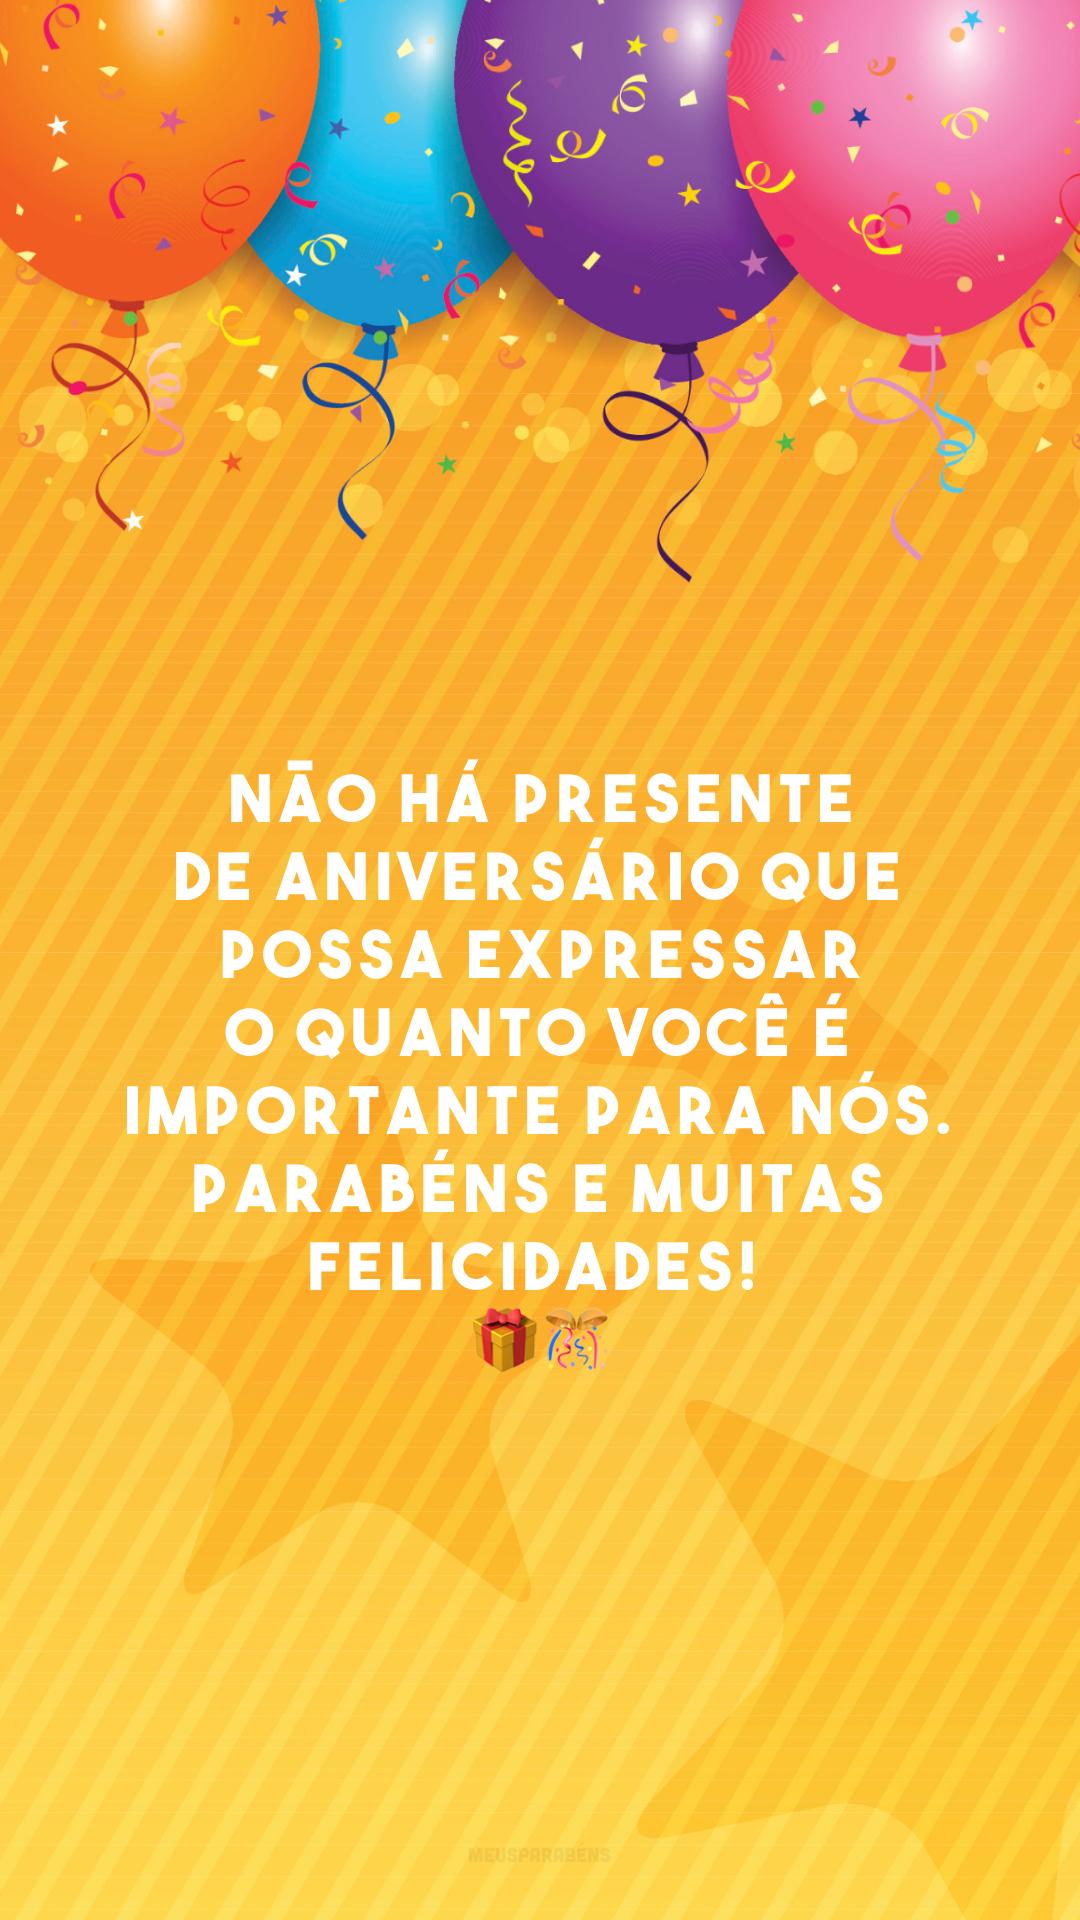 Não há presente de aniversário que possa expressar o quanto você é importante para nós. Parabéns e muitas felicidades!  🎁🎊